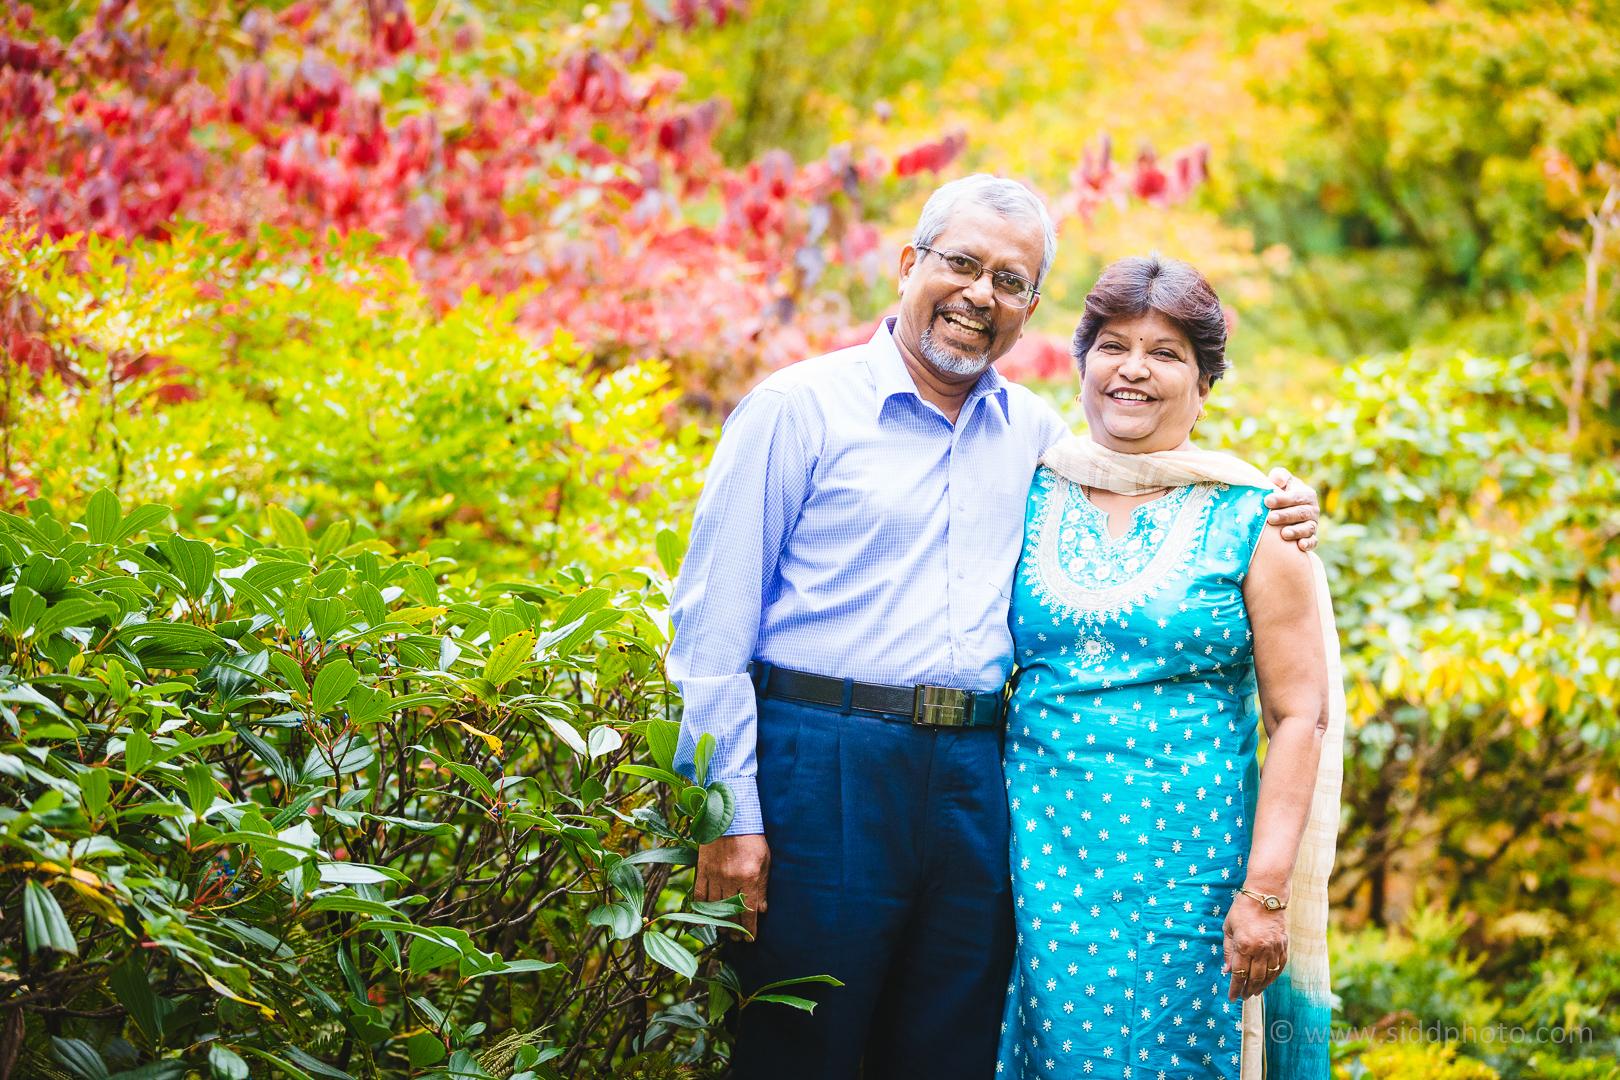 2014-10-24 - 2014-10-25 - Mugdha Aniruddha Family - _O5C7243